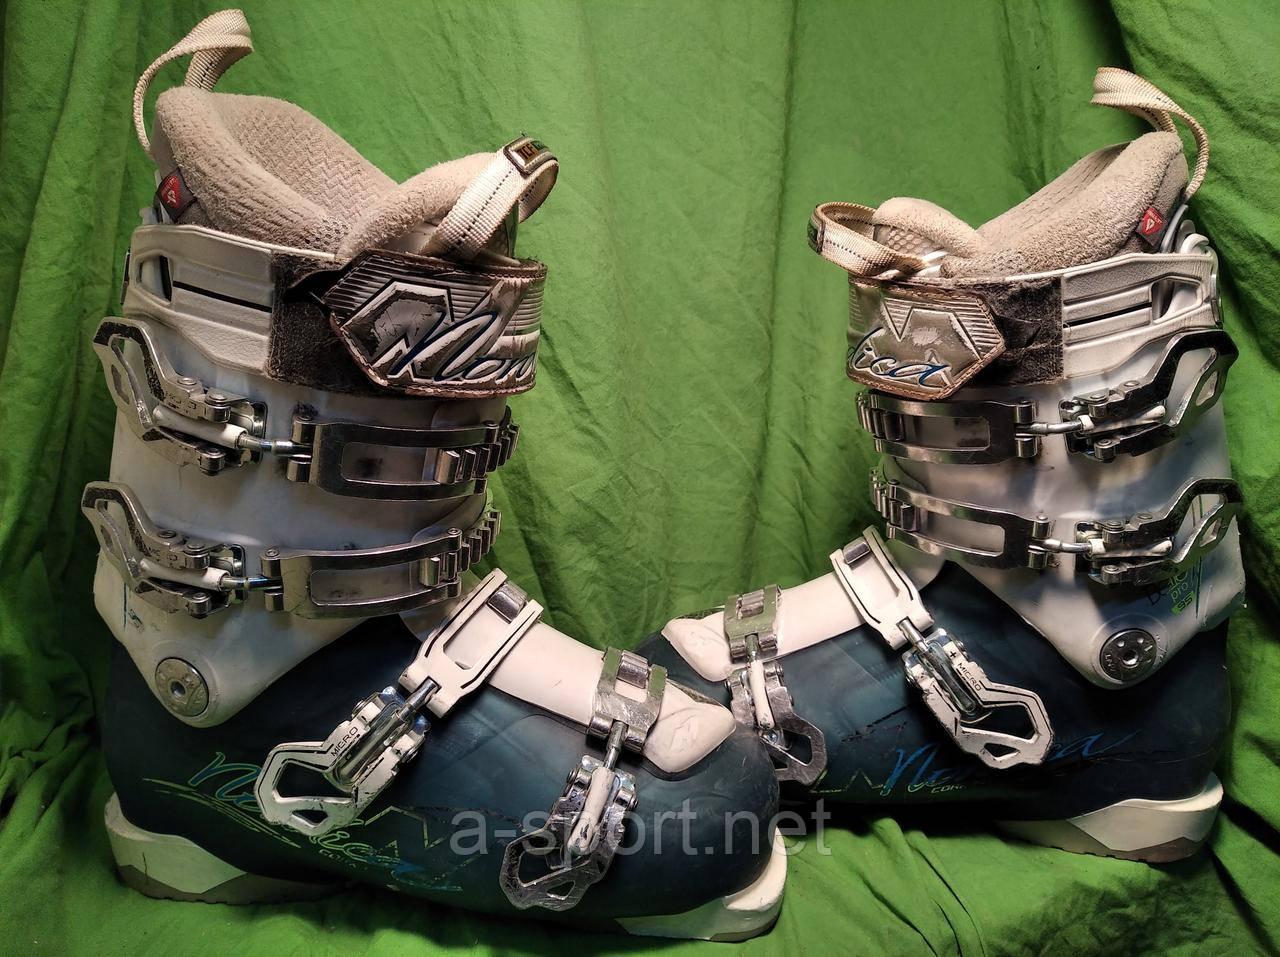 Гірськолижні черевики Nordica Belle pro 95 25.5 см